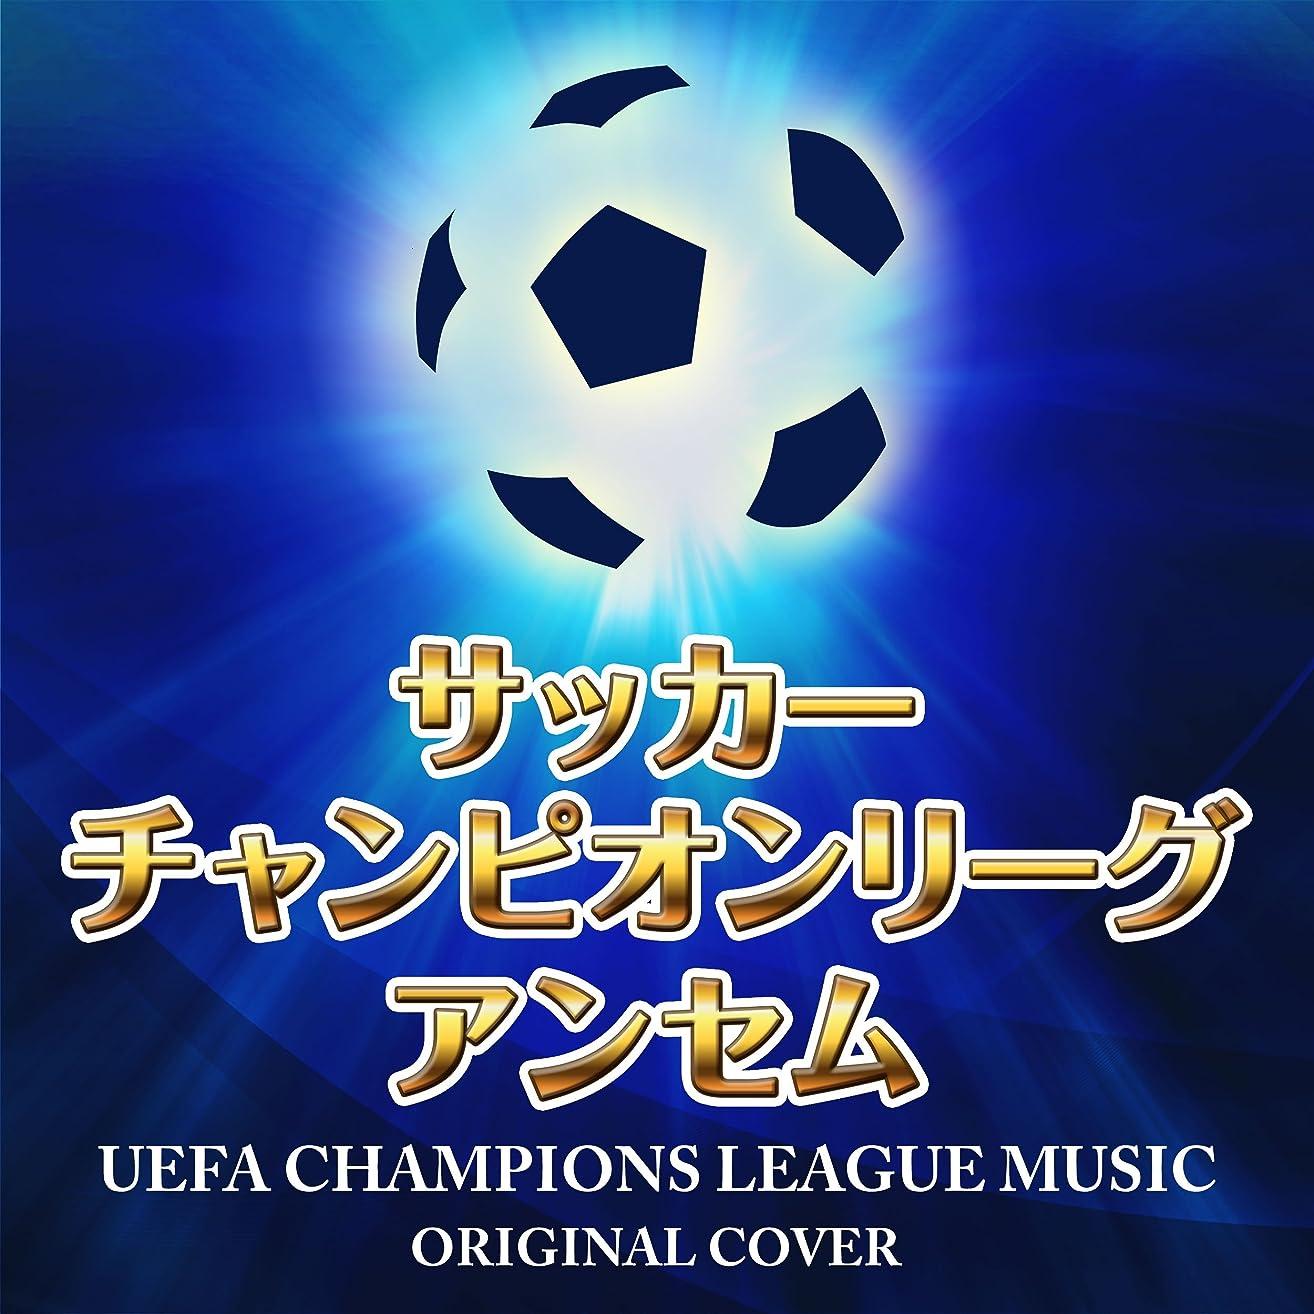 歩き回る群集速報サッカー チャンピオンリーグ アンセム ORIGINAL COVER